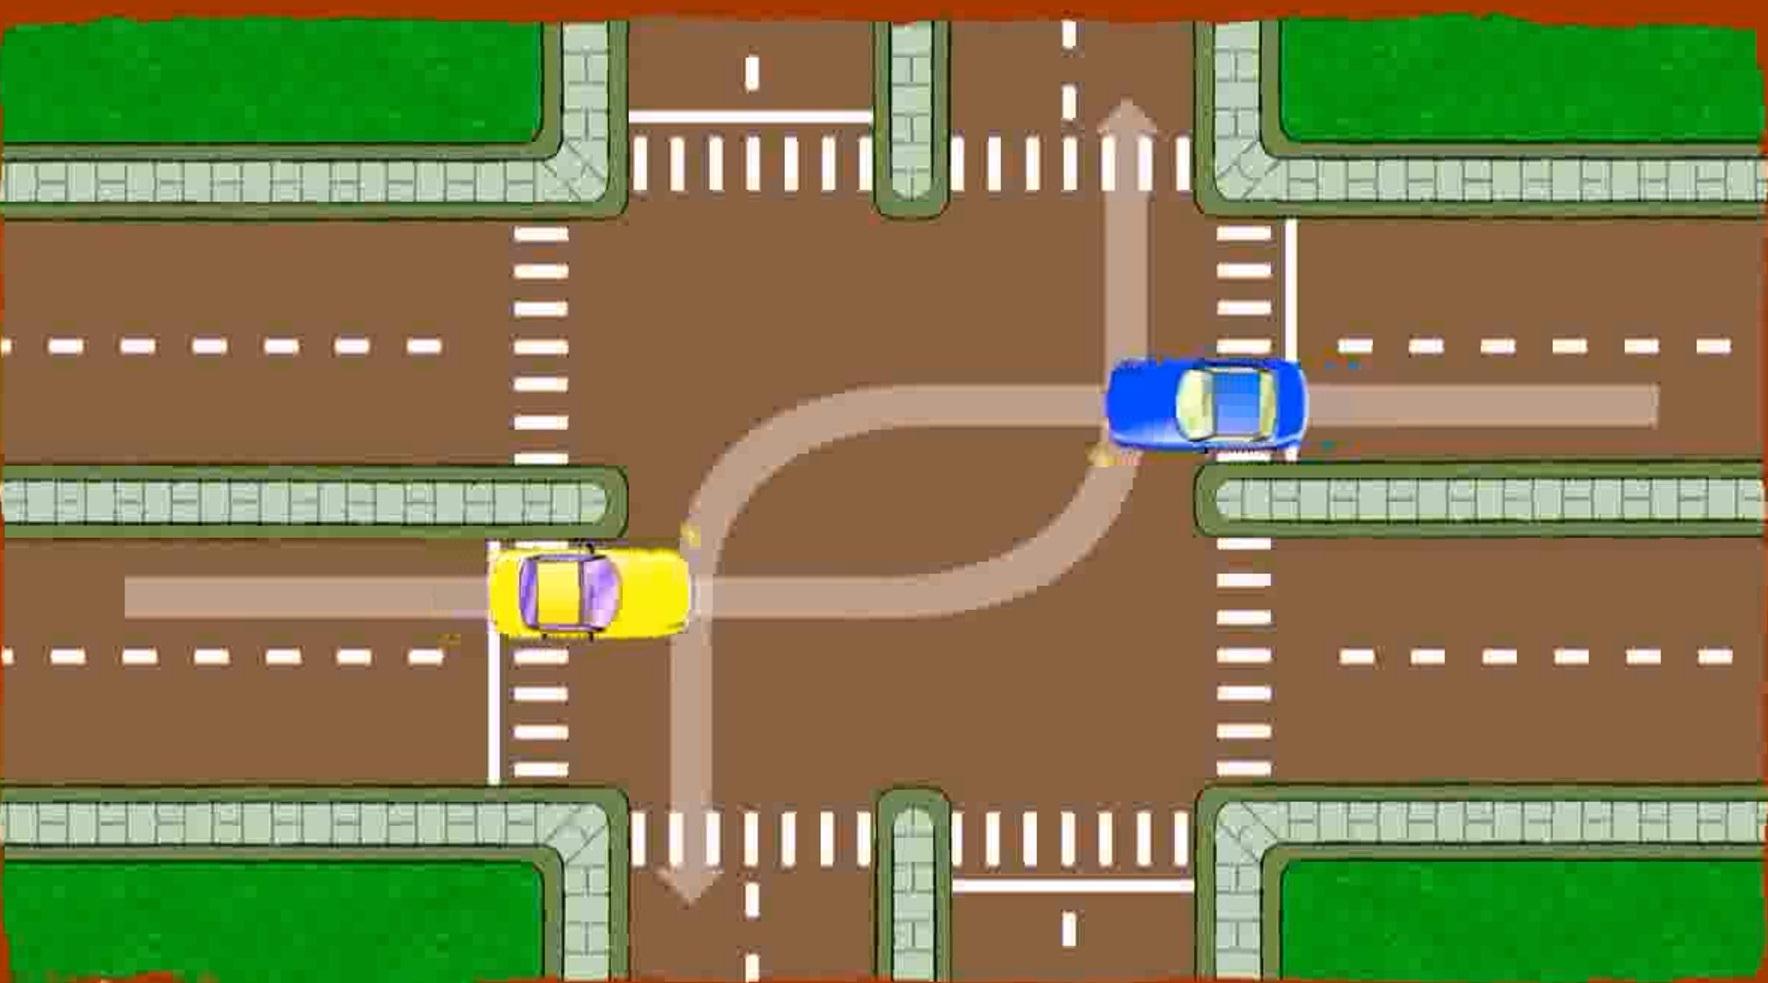 گردش در تقاطع